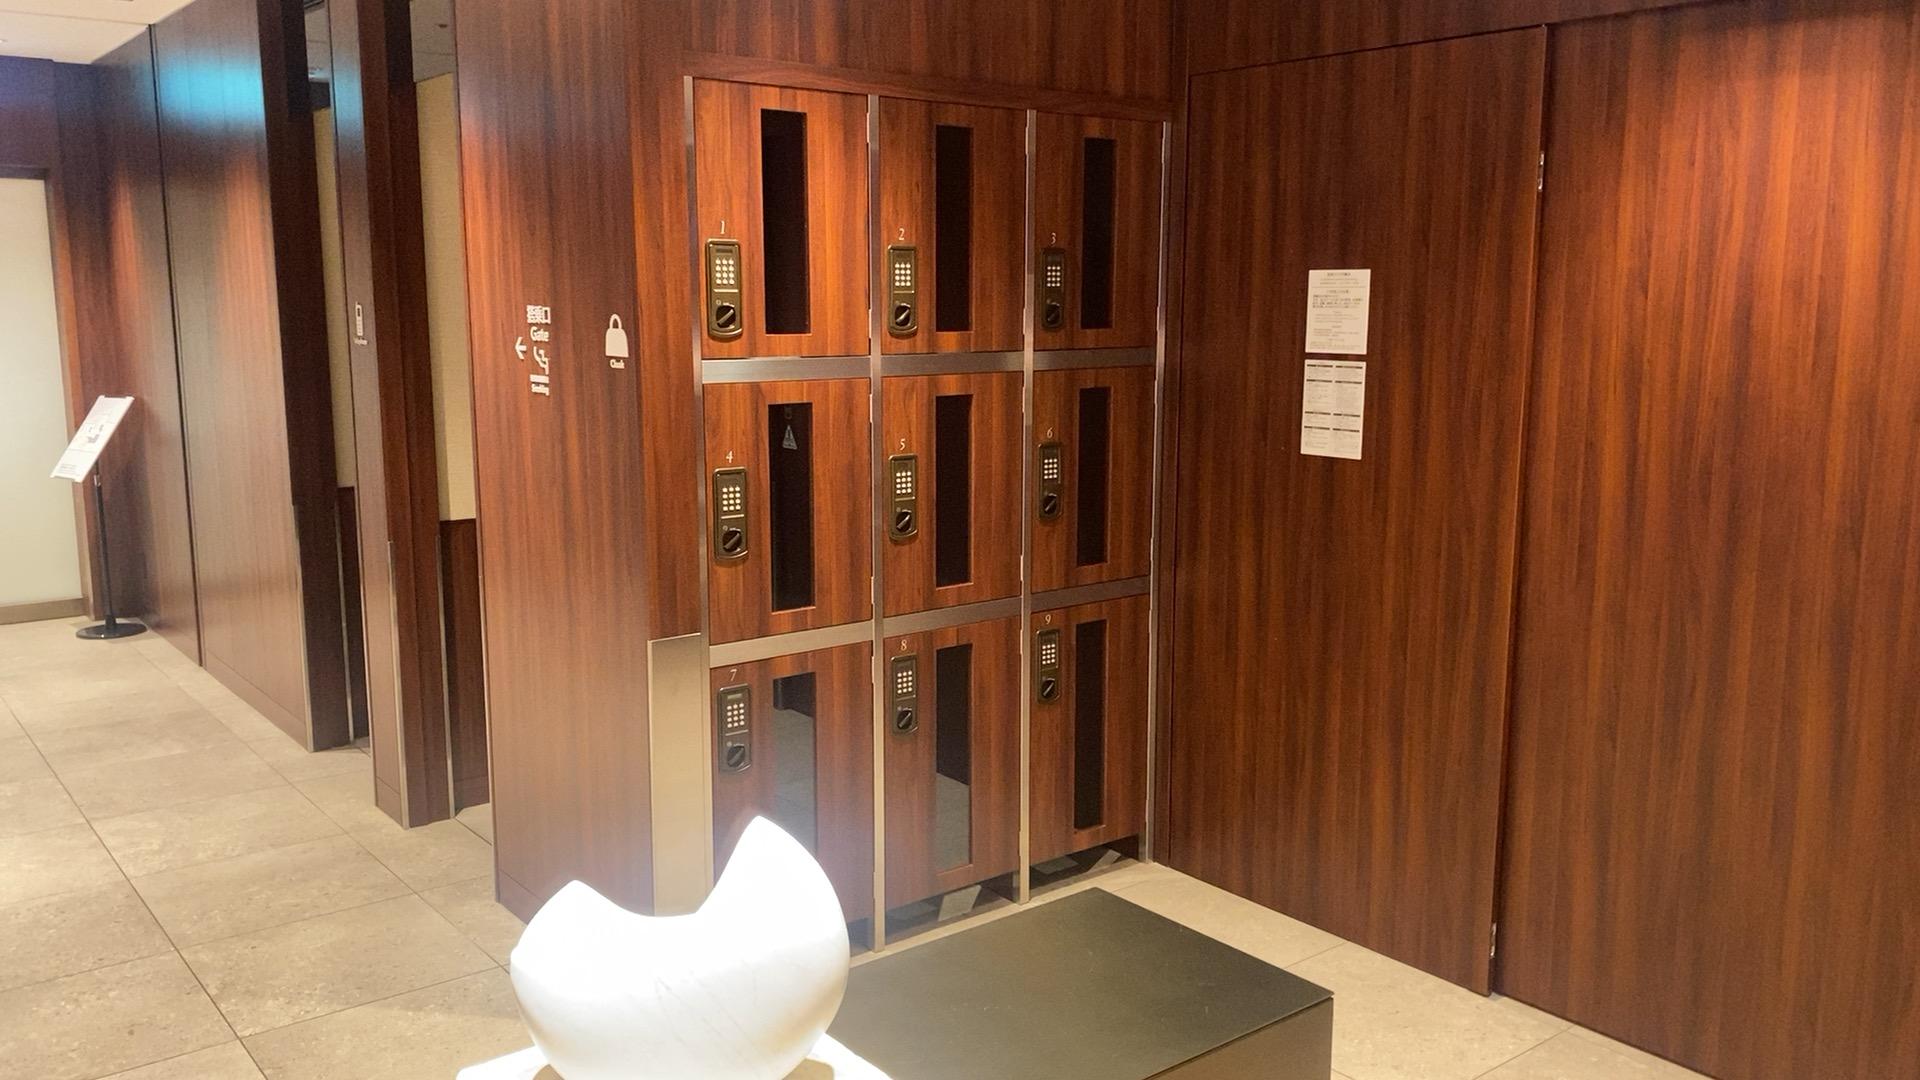 沖縄・那覇国際空港 JAL DIAMOND PREMIER LOUNGE 20年05月訪問